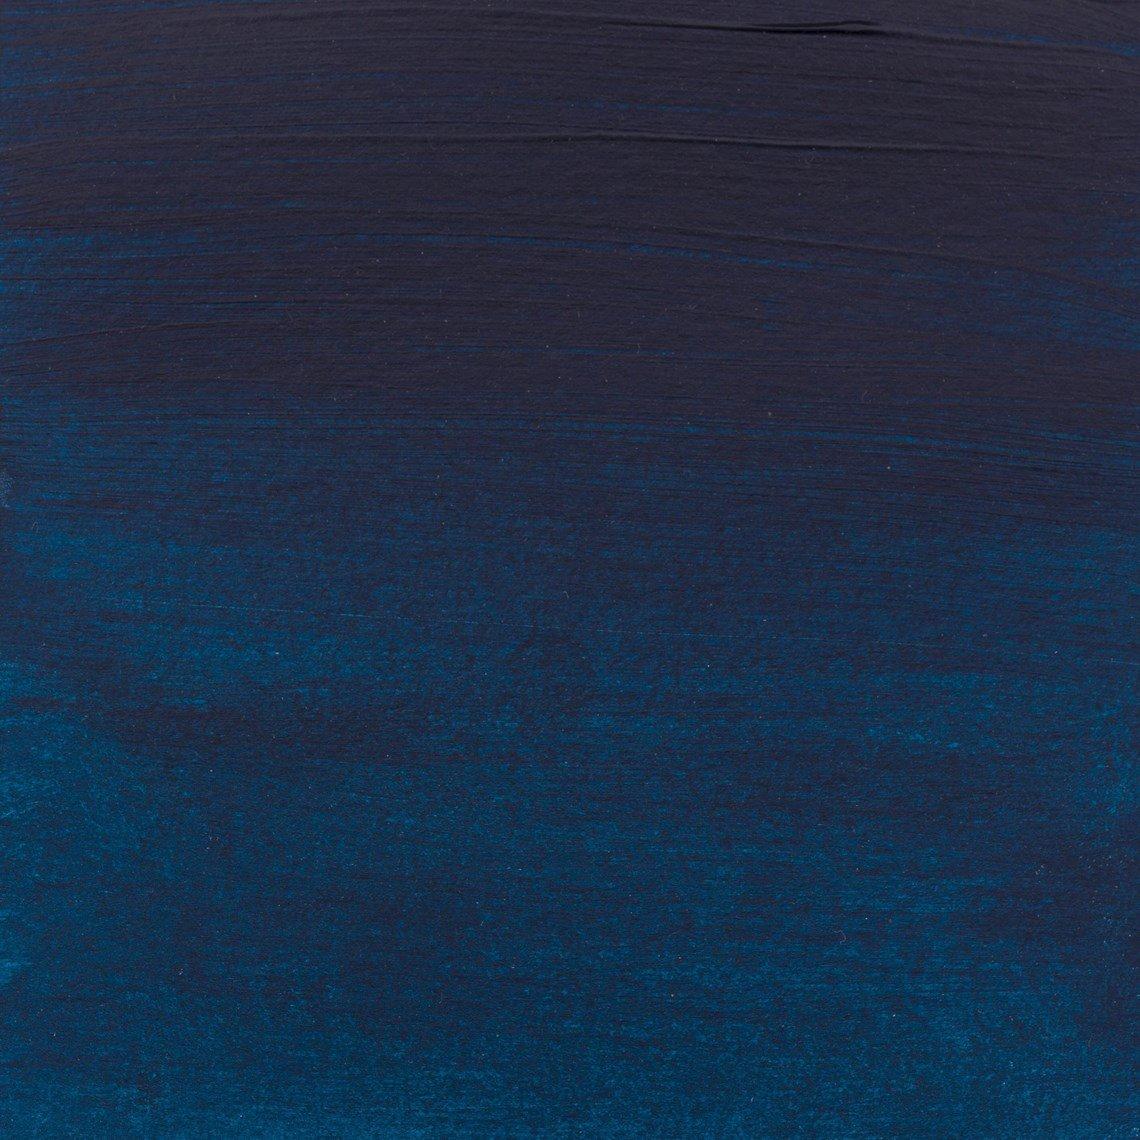 Amsterdam acrylverf Pruisischblauw (phtalo) 566 Angelart Kunst en zo